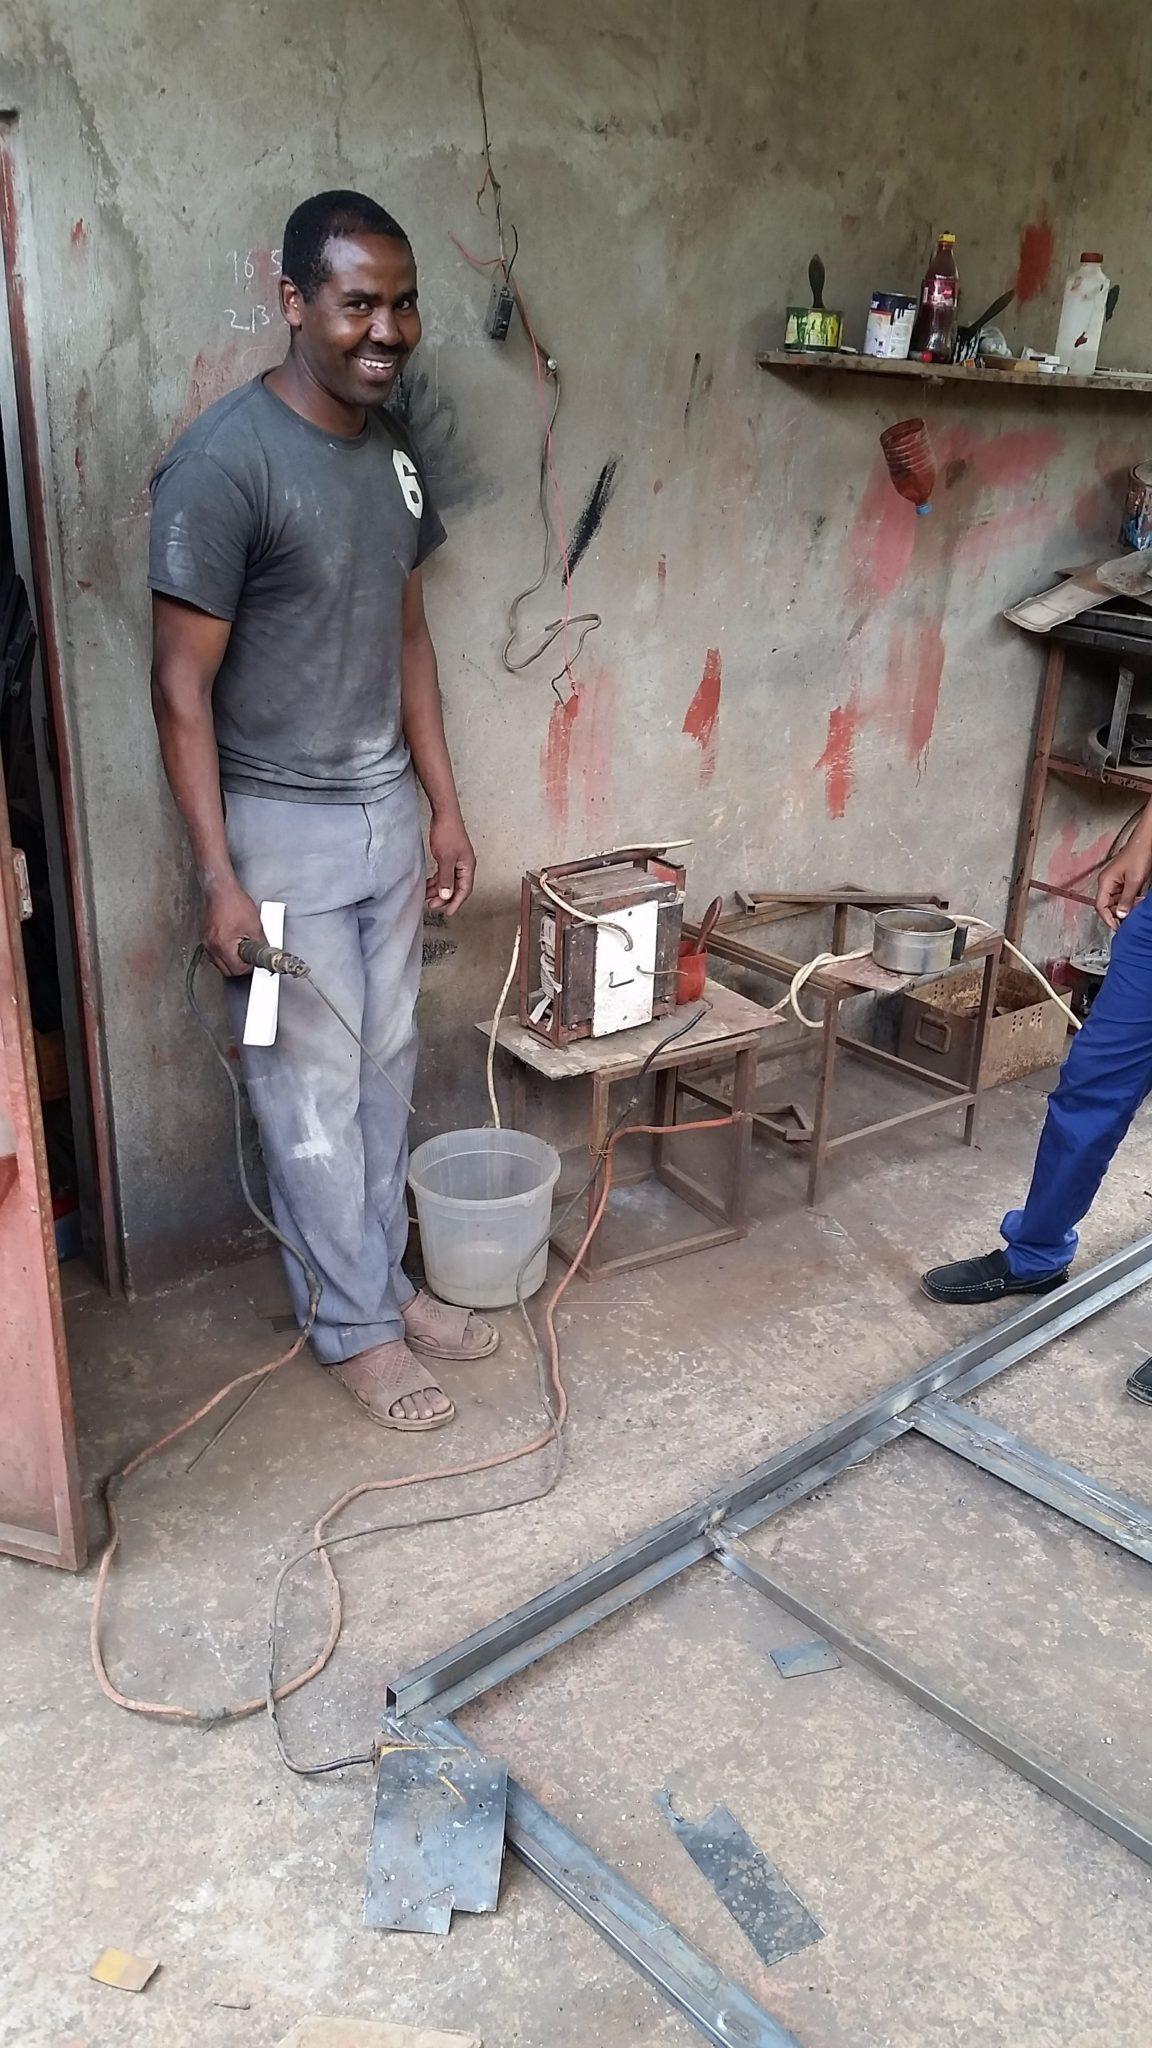 Ombeni poseert trots met zijn zelfgebouwde transformator en lasmateriaal